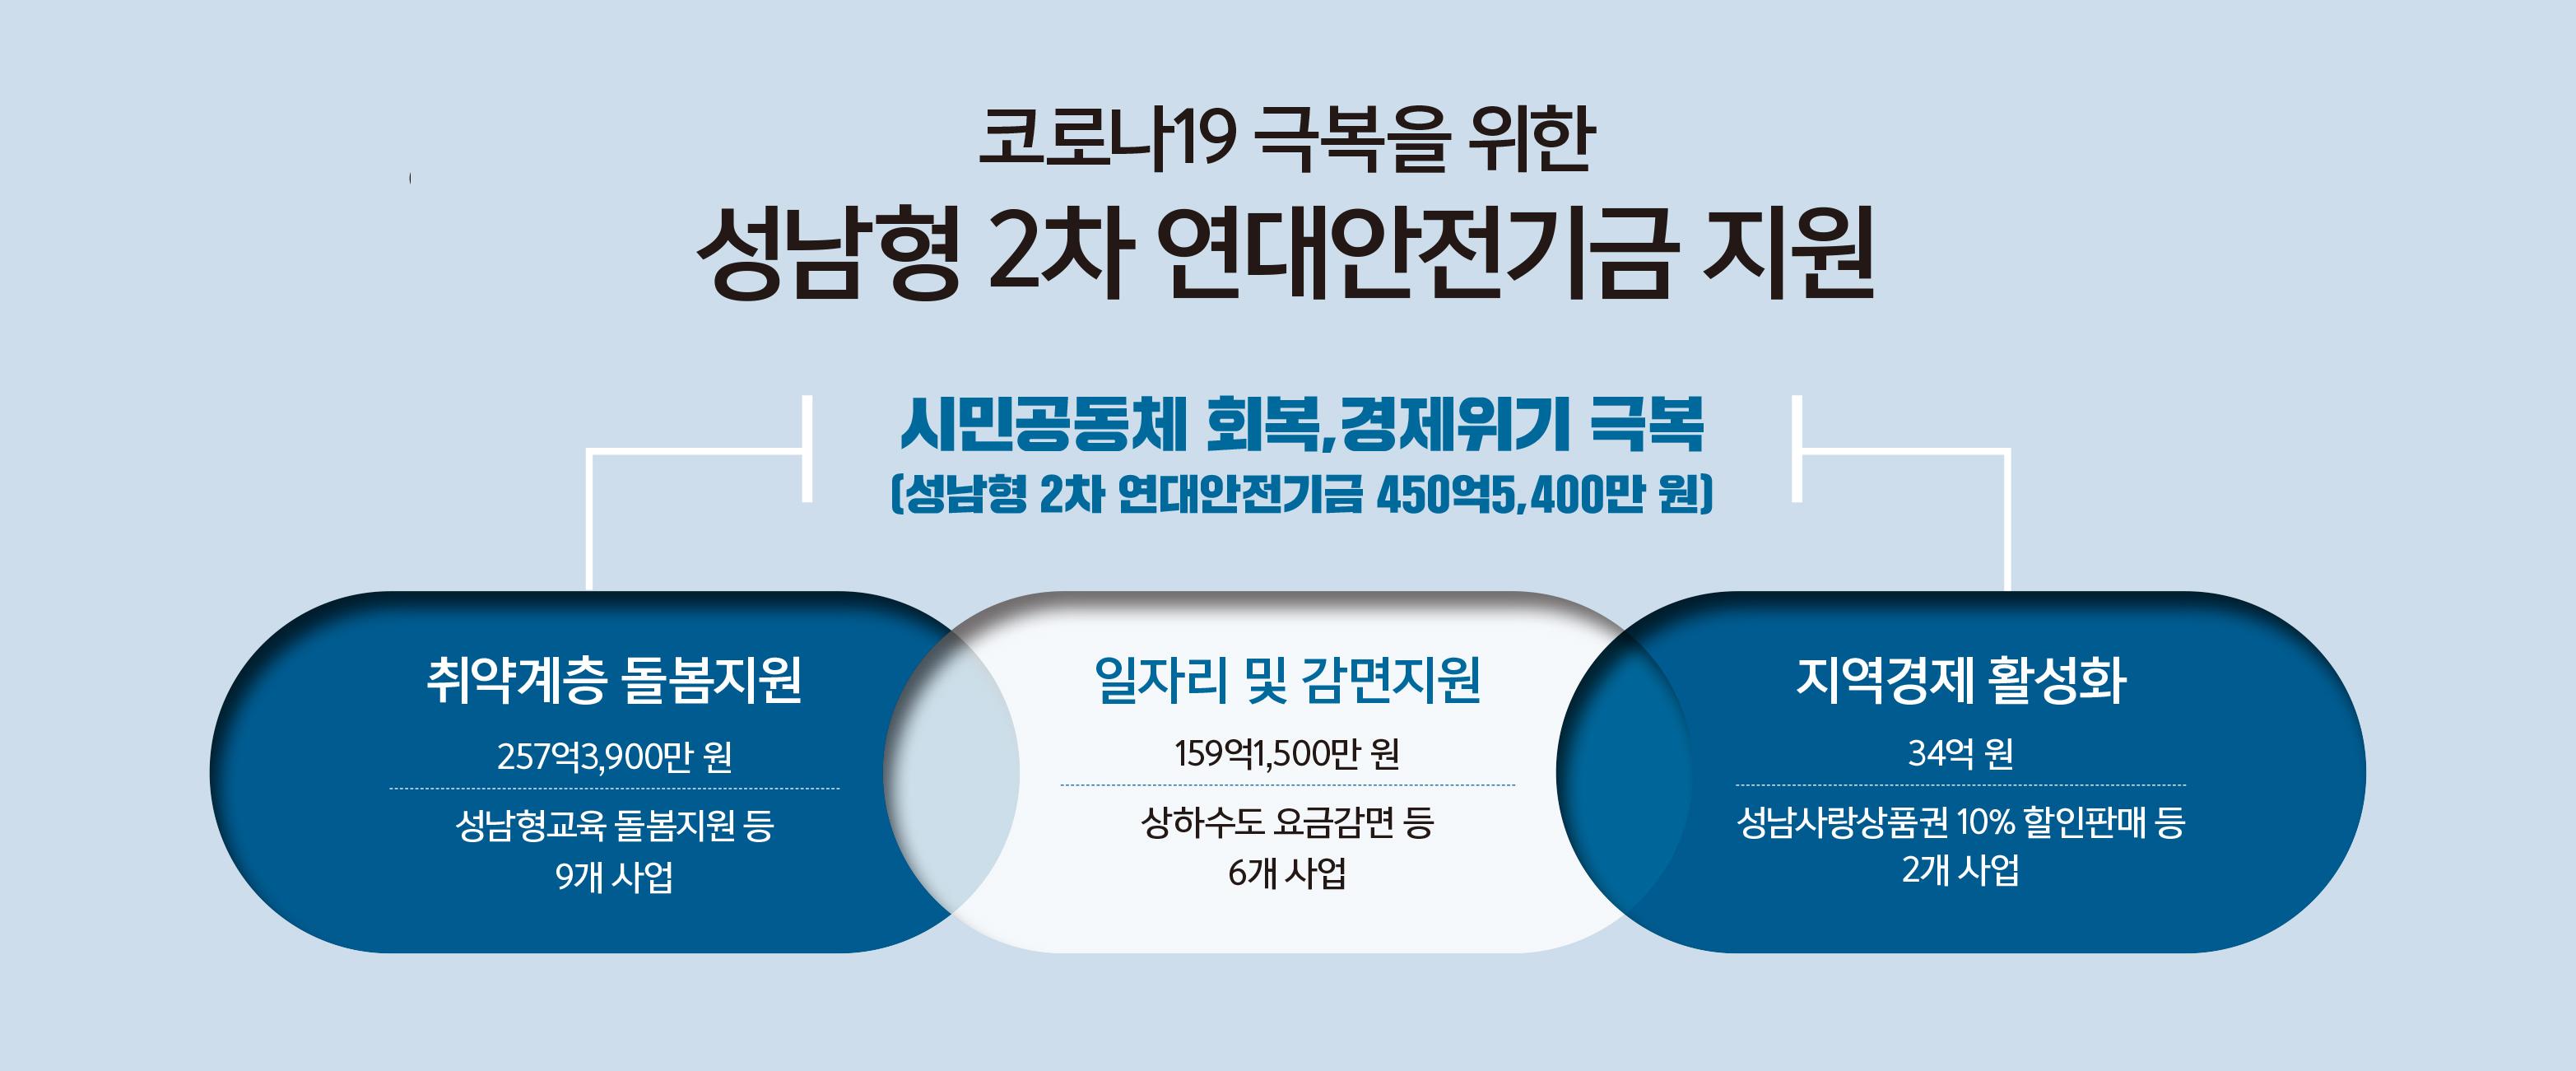 성남시 '성남형 2차 연대안전기금'